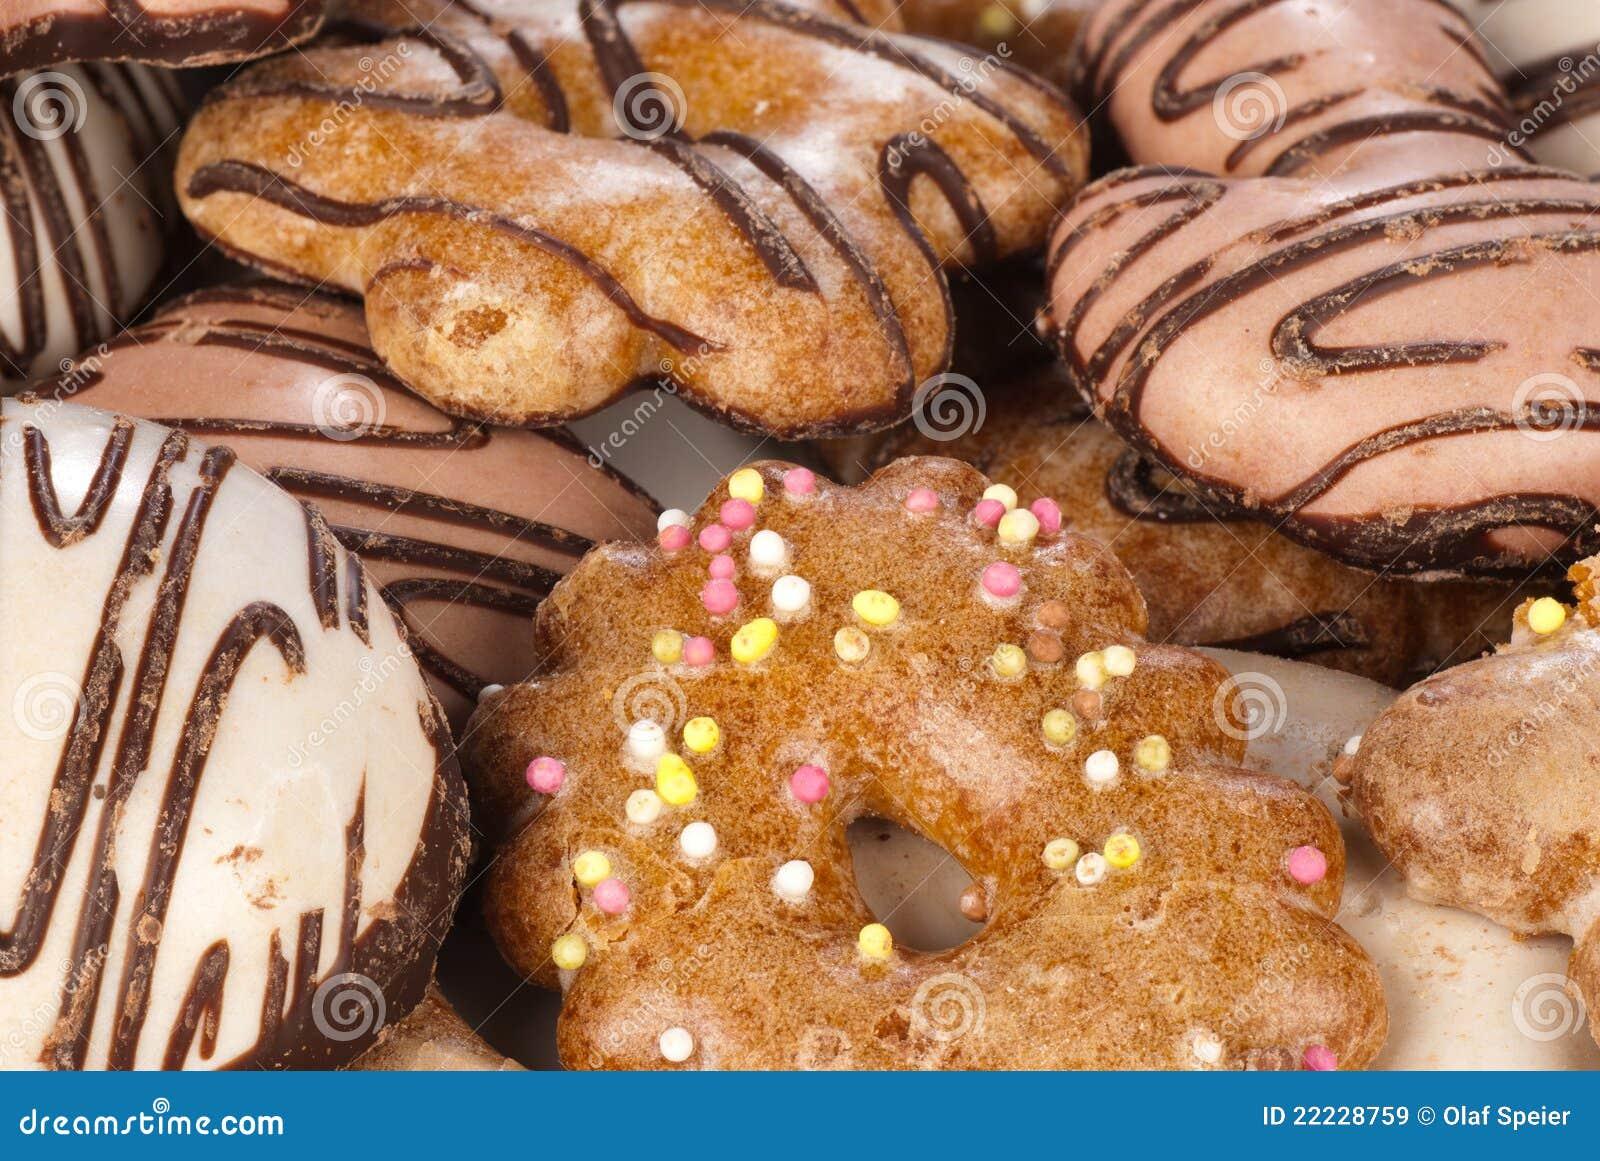 Christmas Cookies Stock Image Image Of Horizontal Frame 22228759